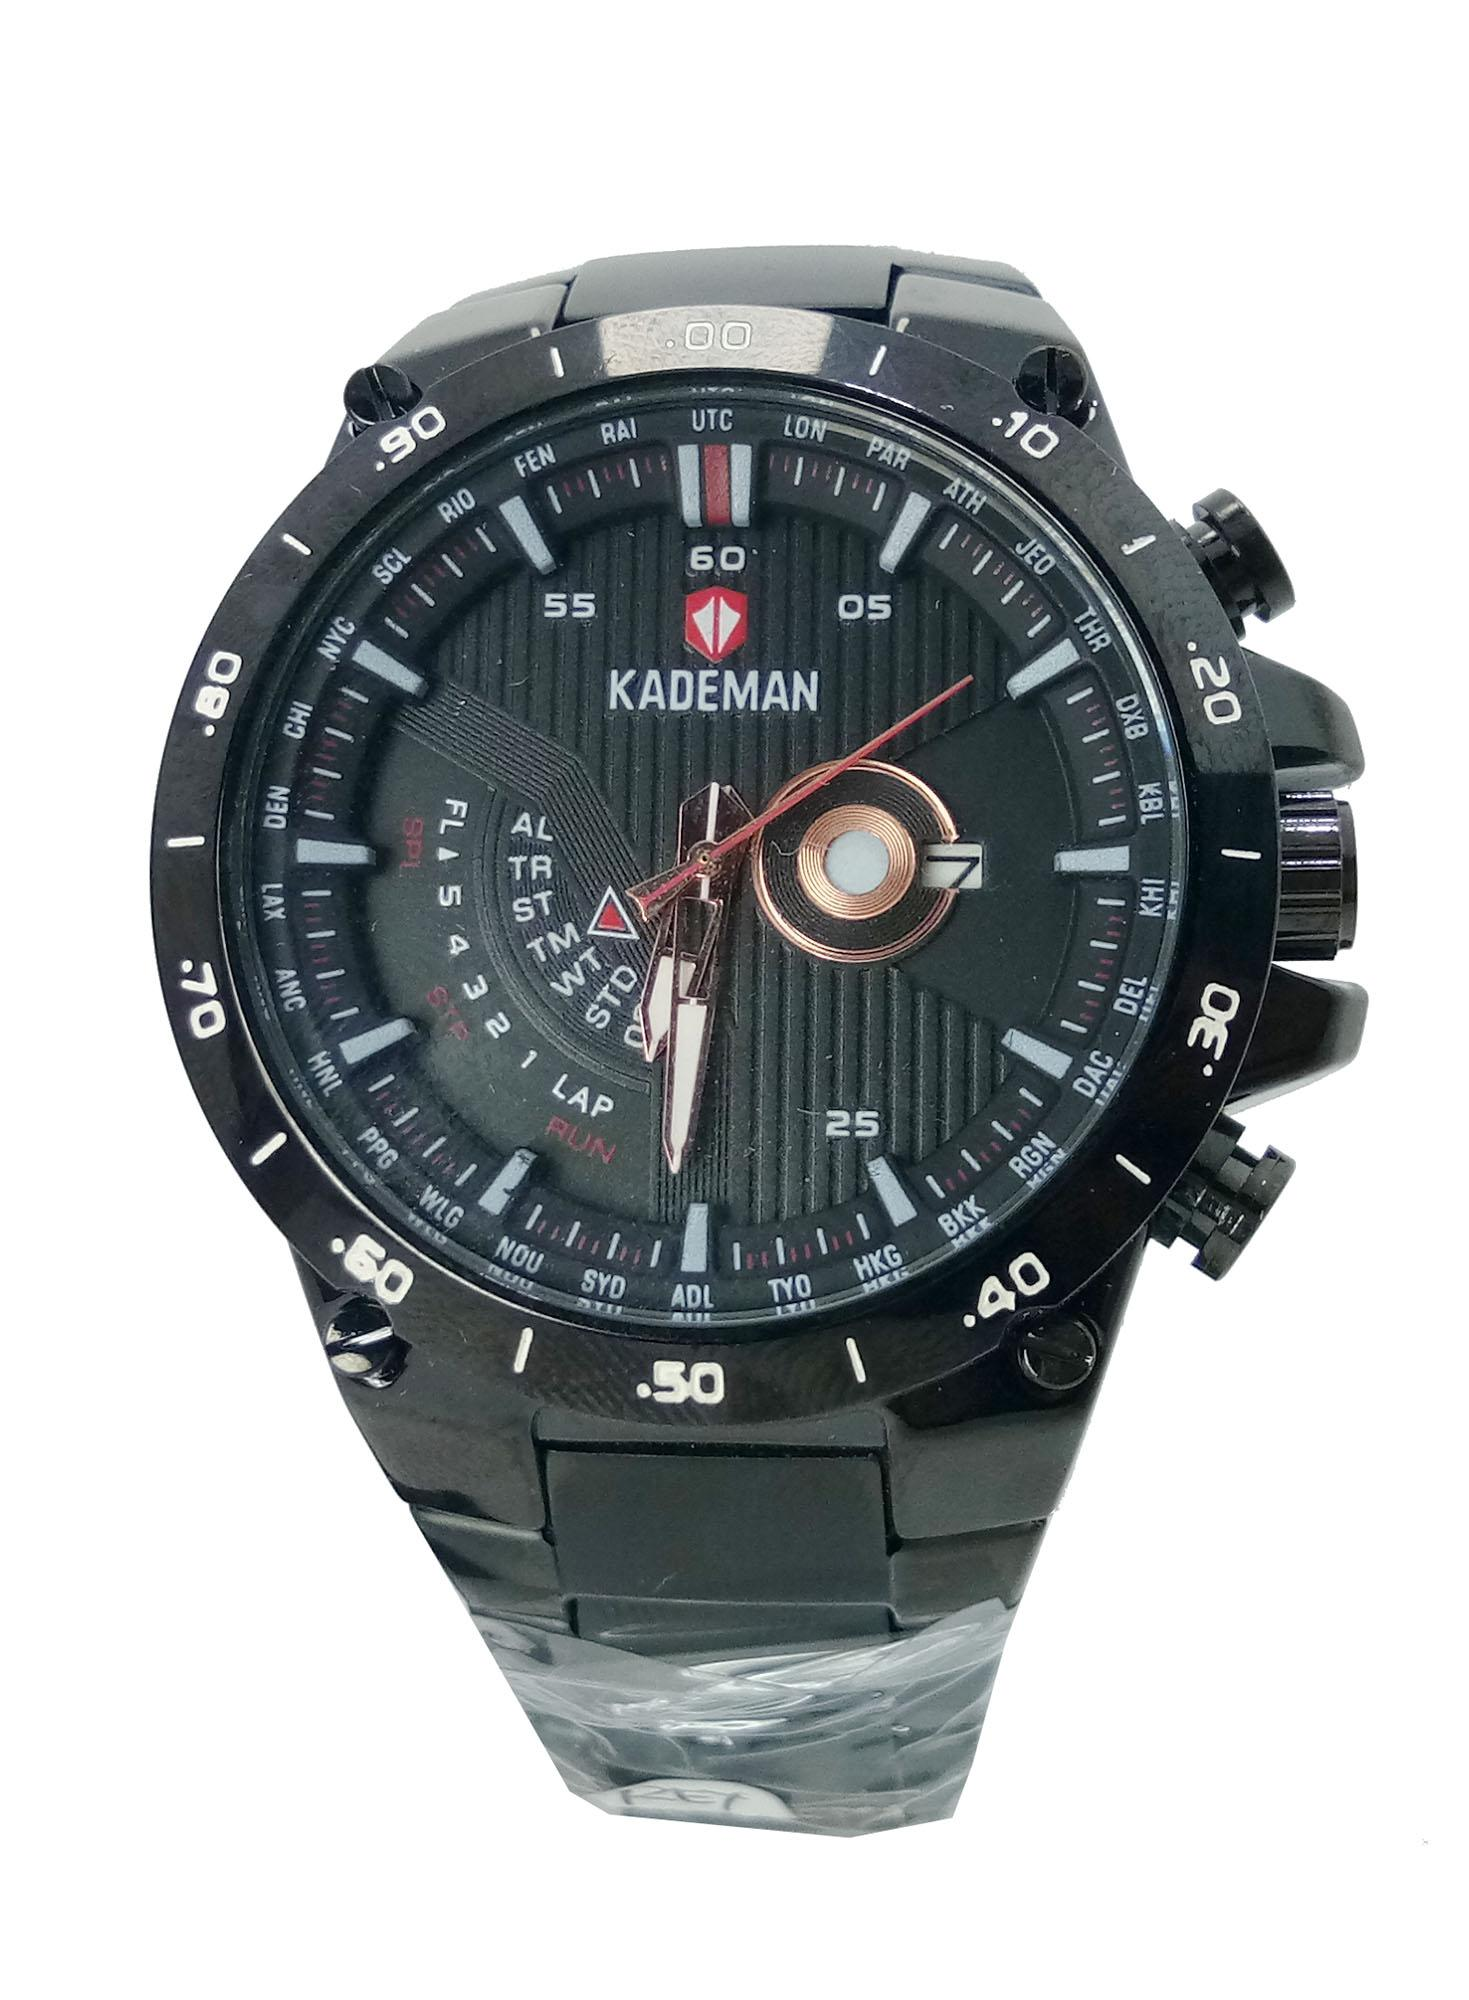 Kademan 415g Original  Jam tangan Pria keren Modis-Rantai-Hitam